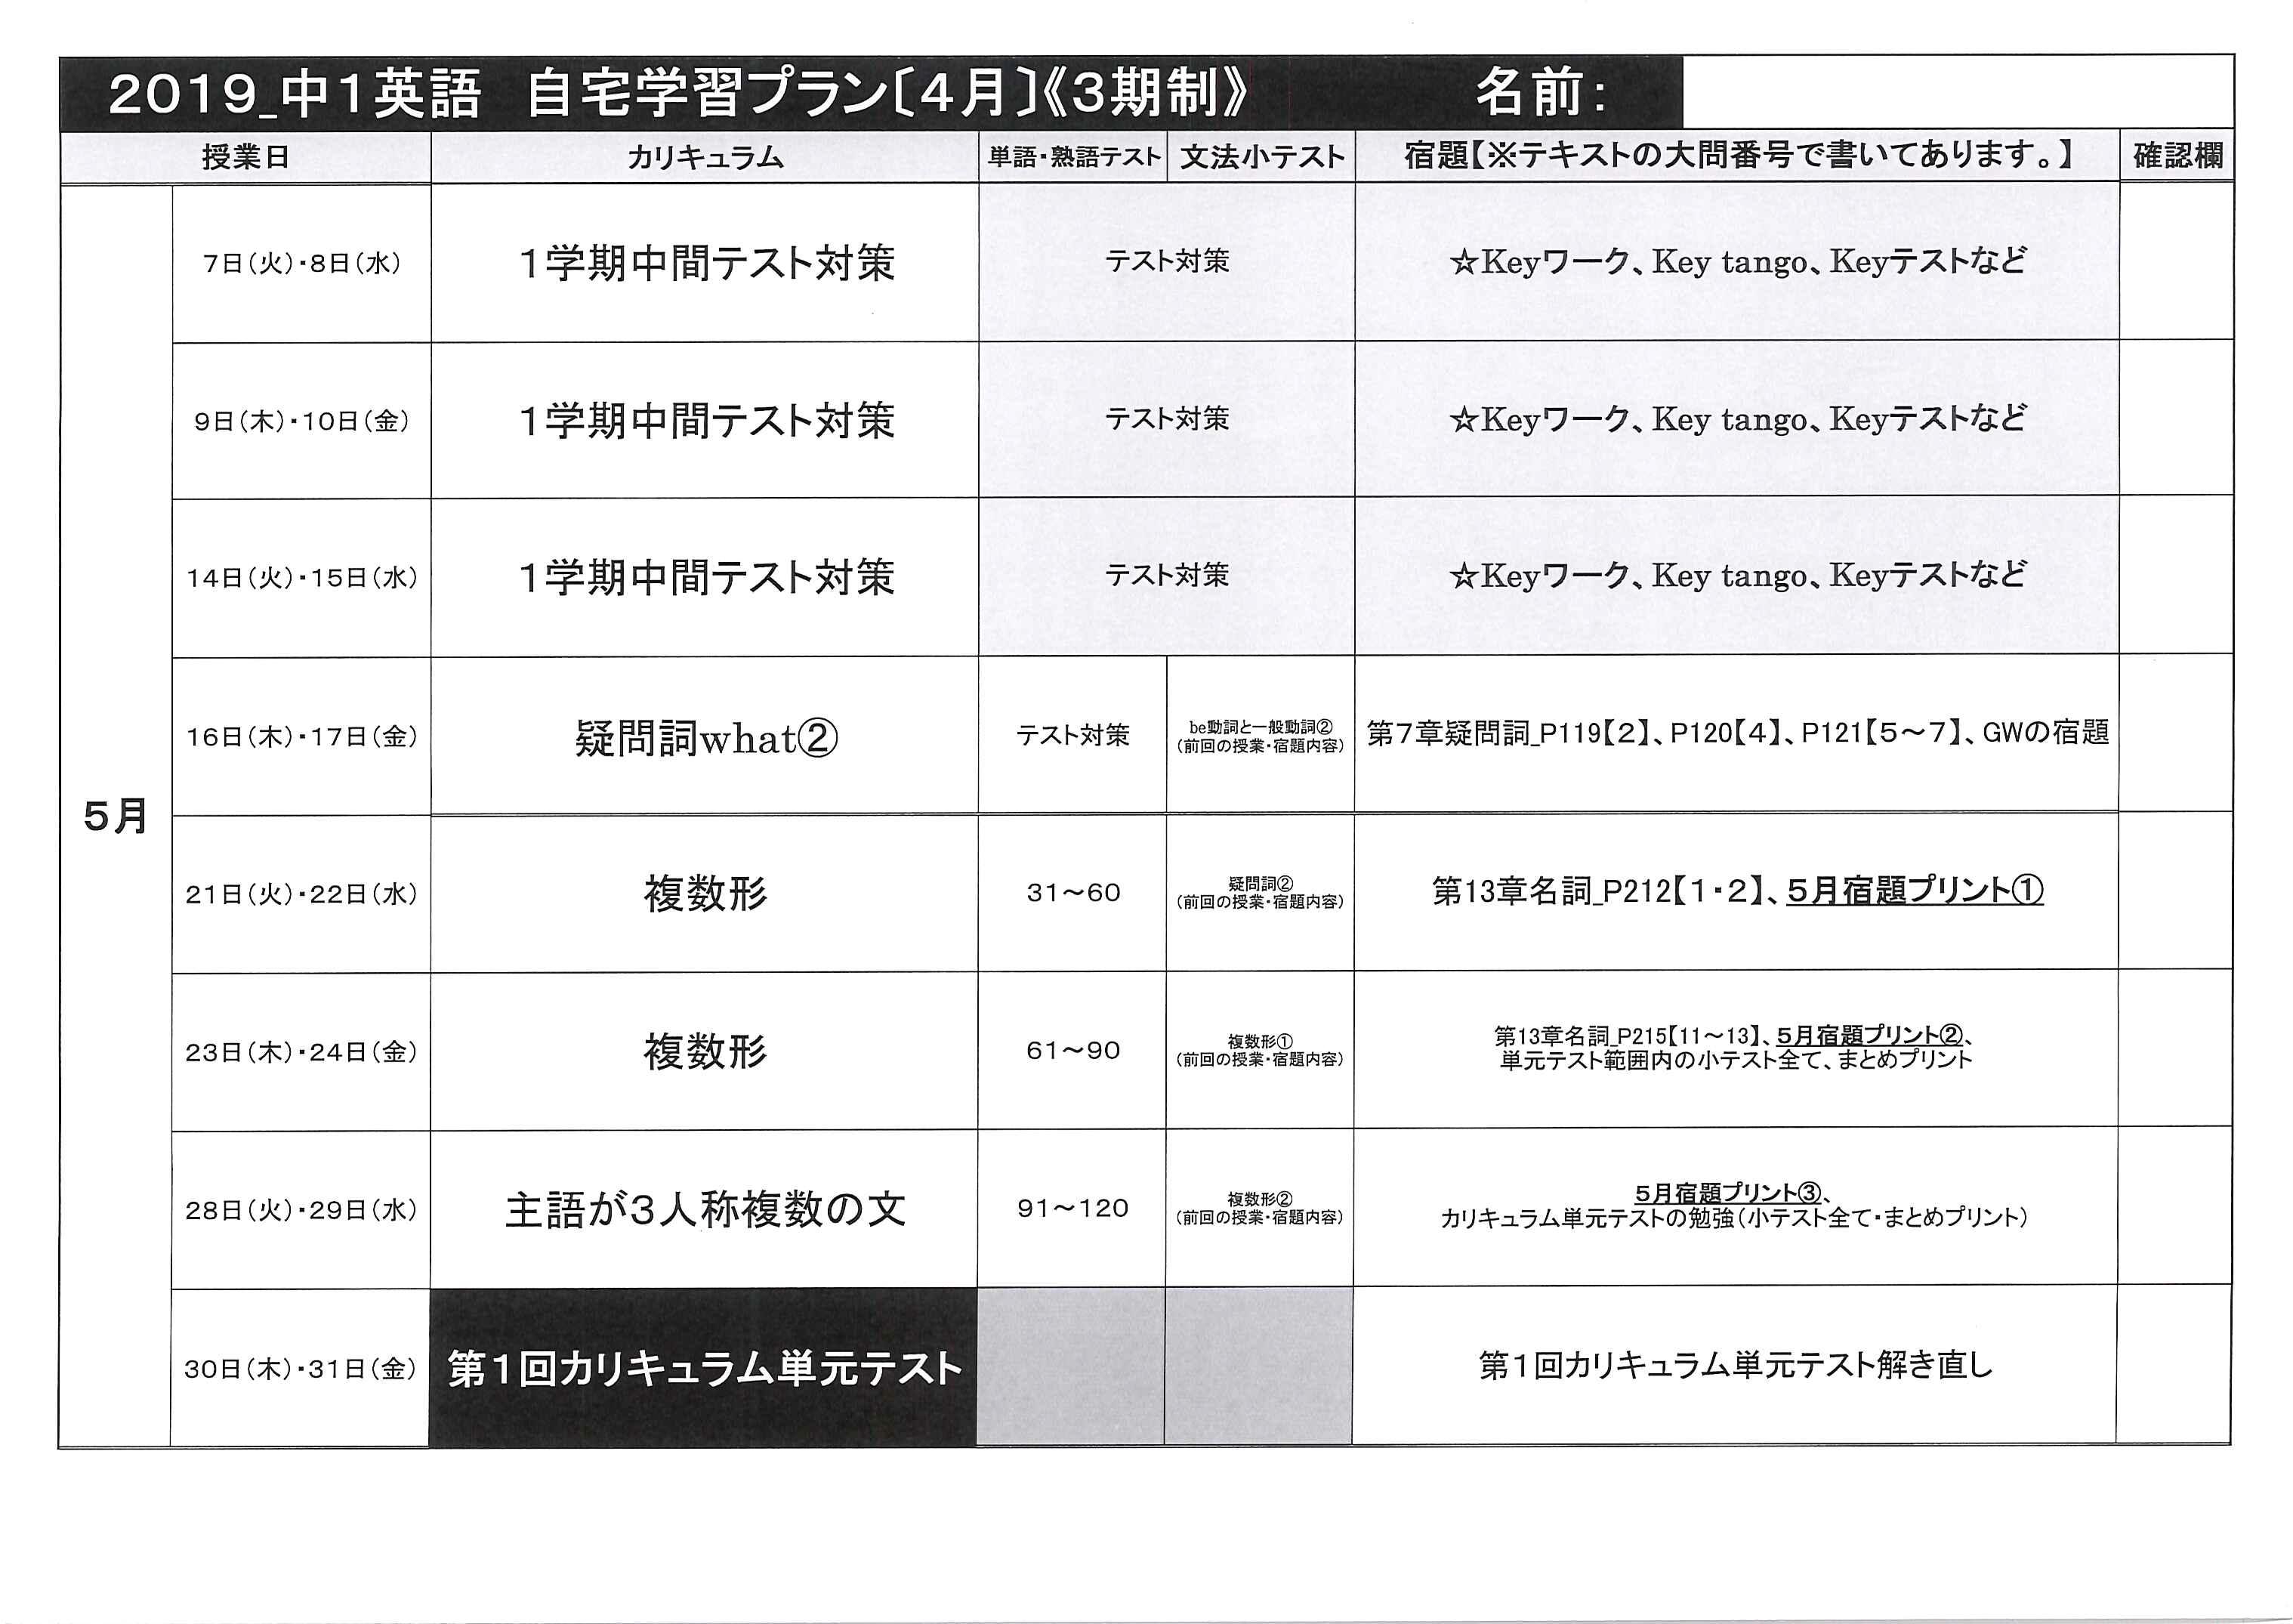 2019年5月中学生宿題小テスト表【HP用①】.png